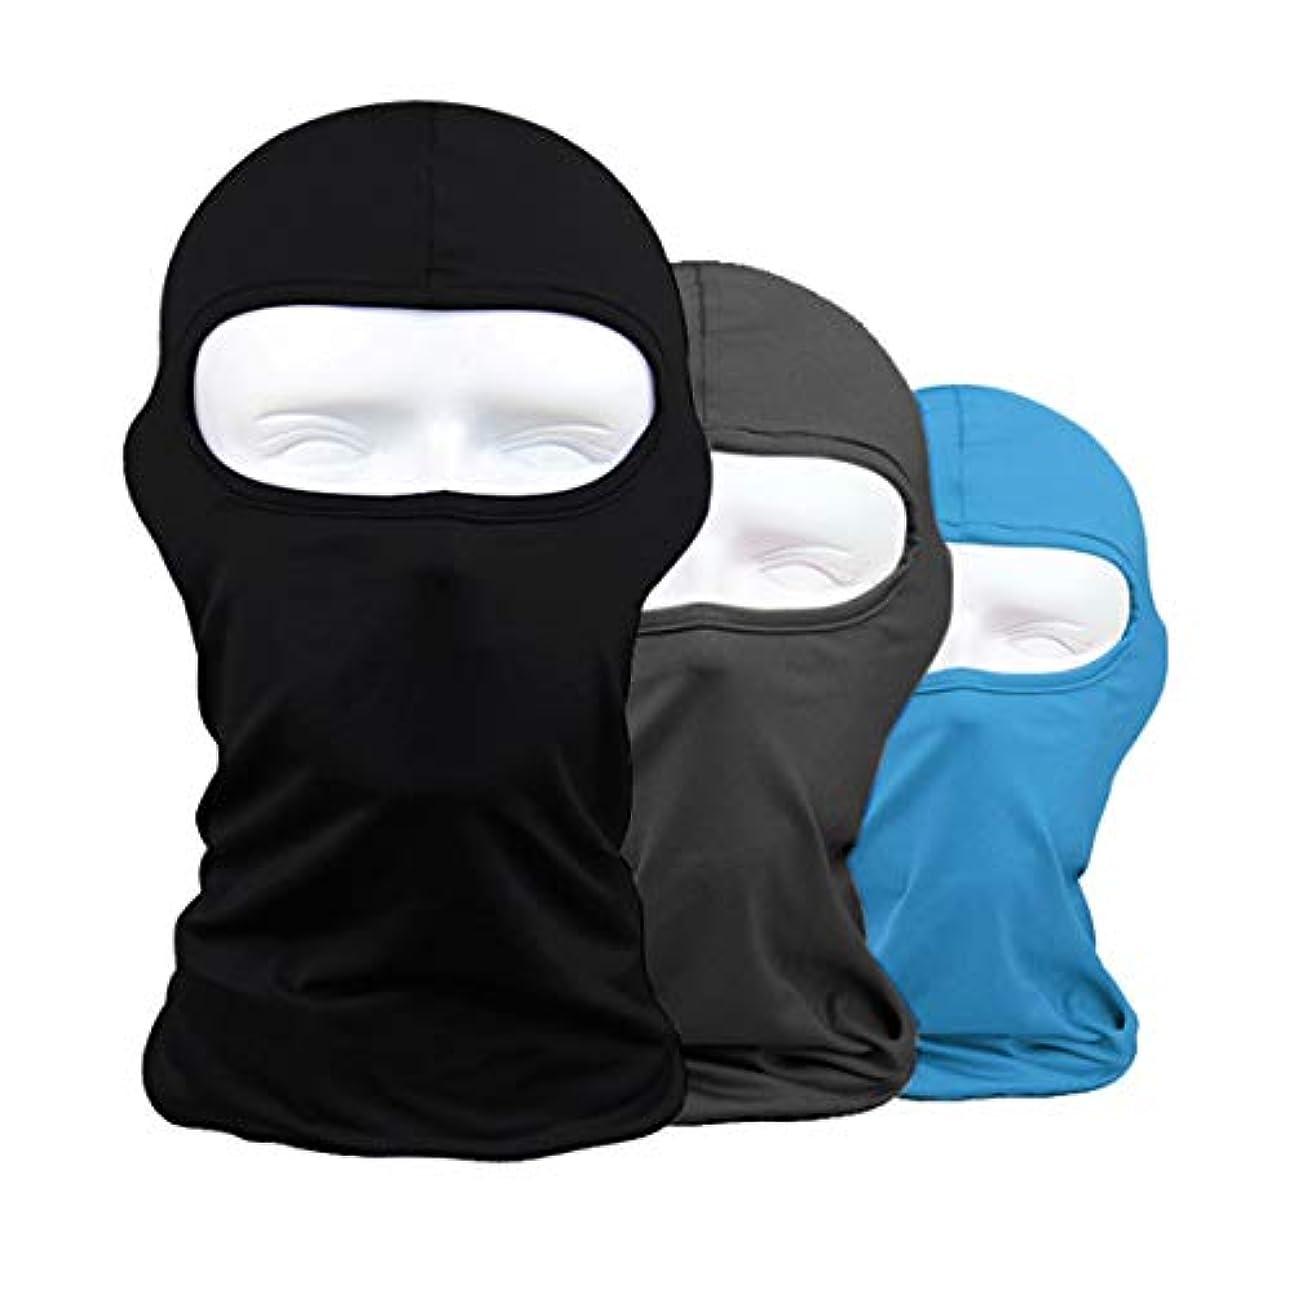 村抵当あごひげフェイスマスク 通気 速乾 ヘッドウェア ライクラ生地 目だし帽 バラクラバ 保温 UVカット,ブラック + グレー + ブルー,3枚